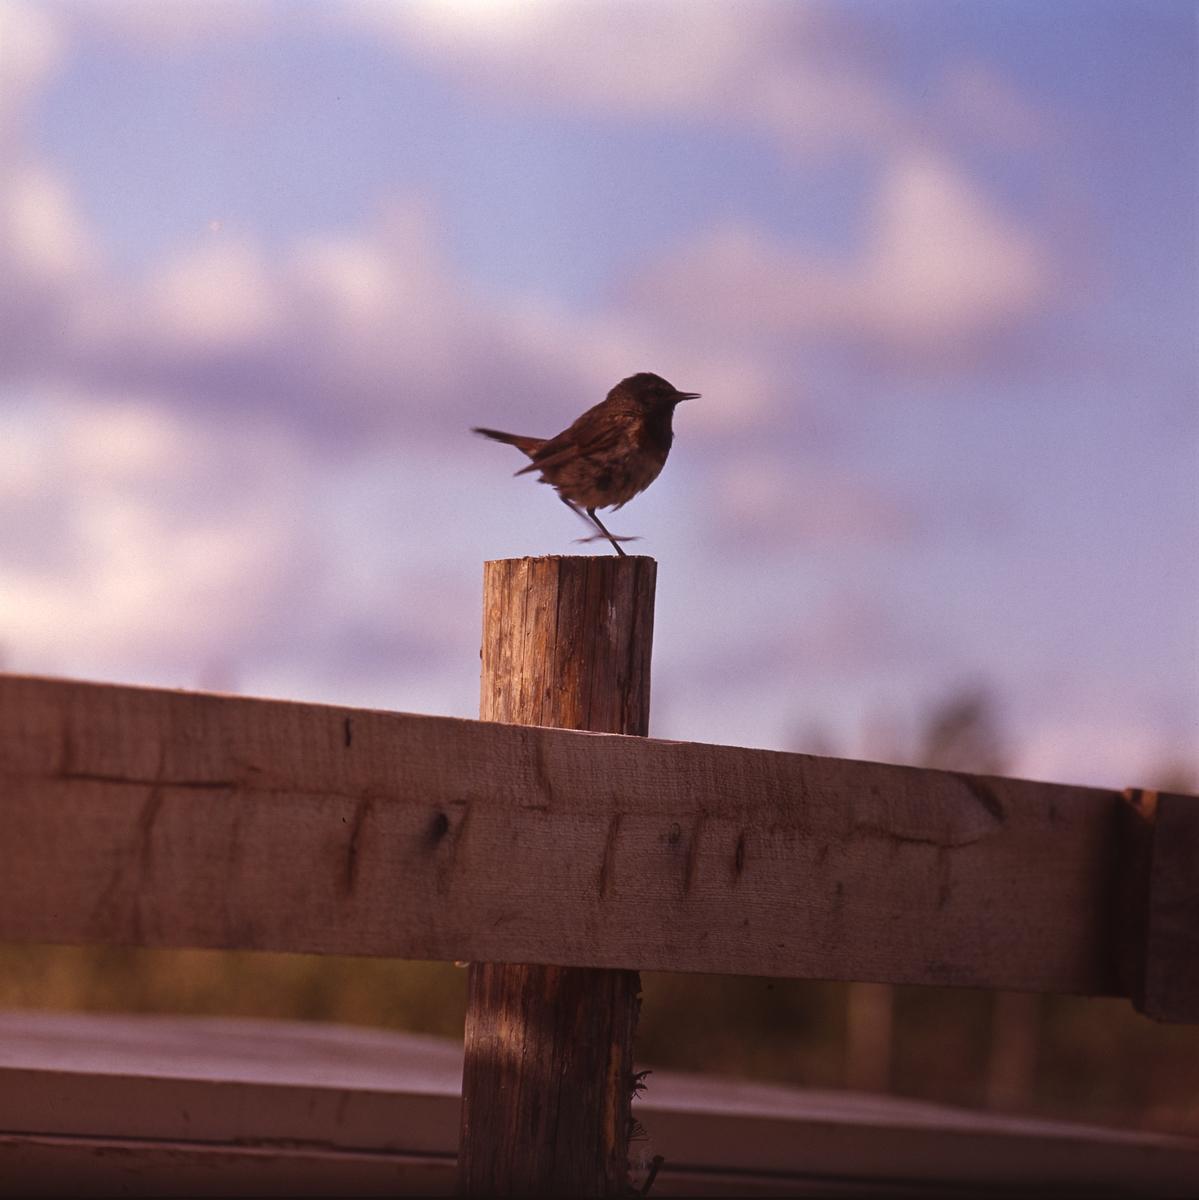 Liten fågel sitter på en staketstolpe. Blå himmel med moln i bakgrunden.